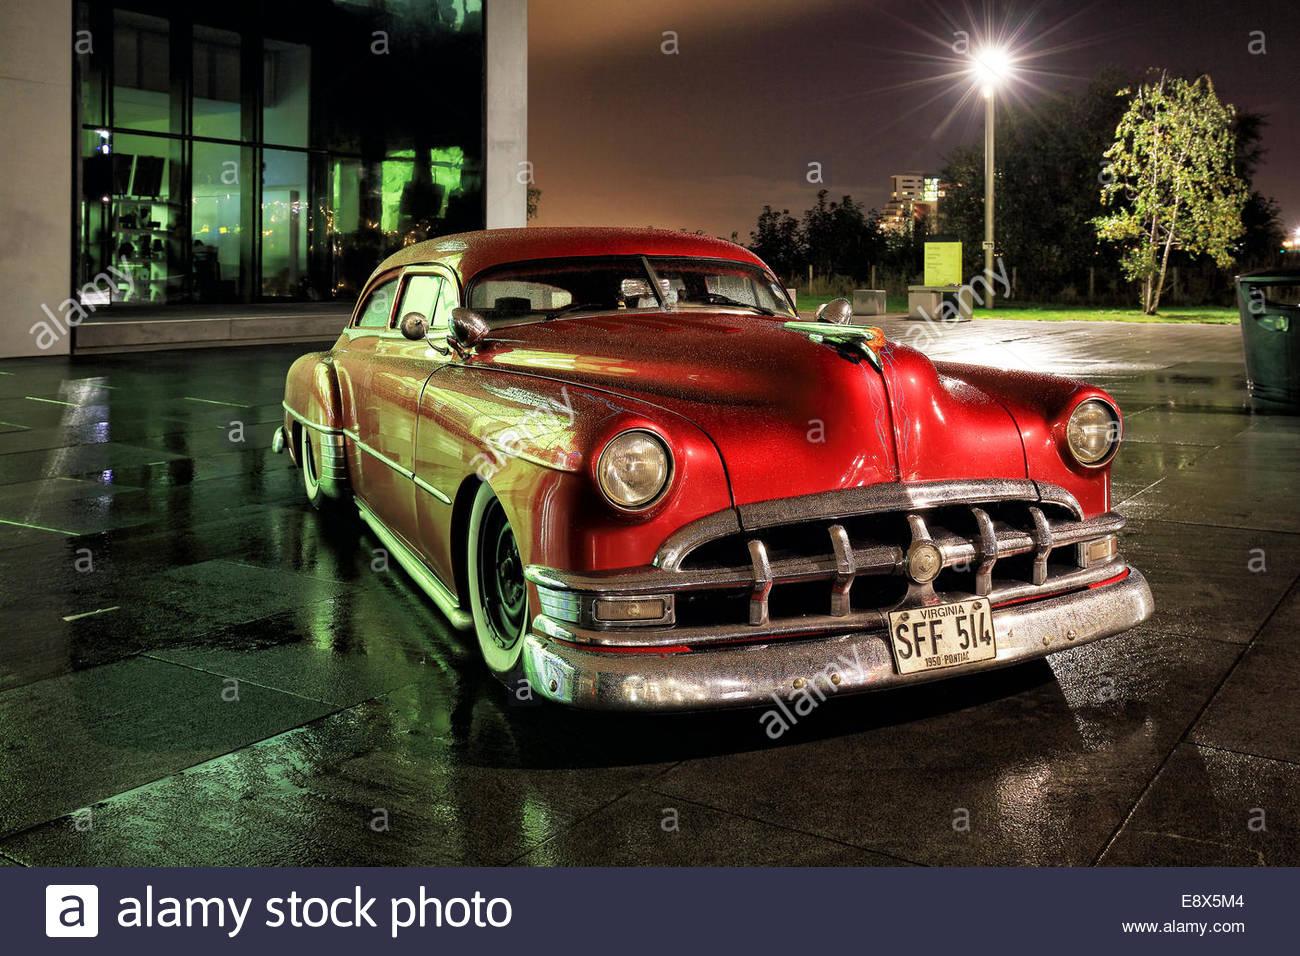 Photo de nuit d'une Pontiac 1950 classique à l'extérieur du Musée des Transports de Glasgow Photo Stock